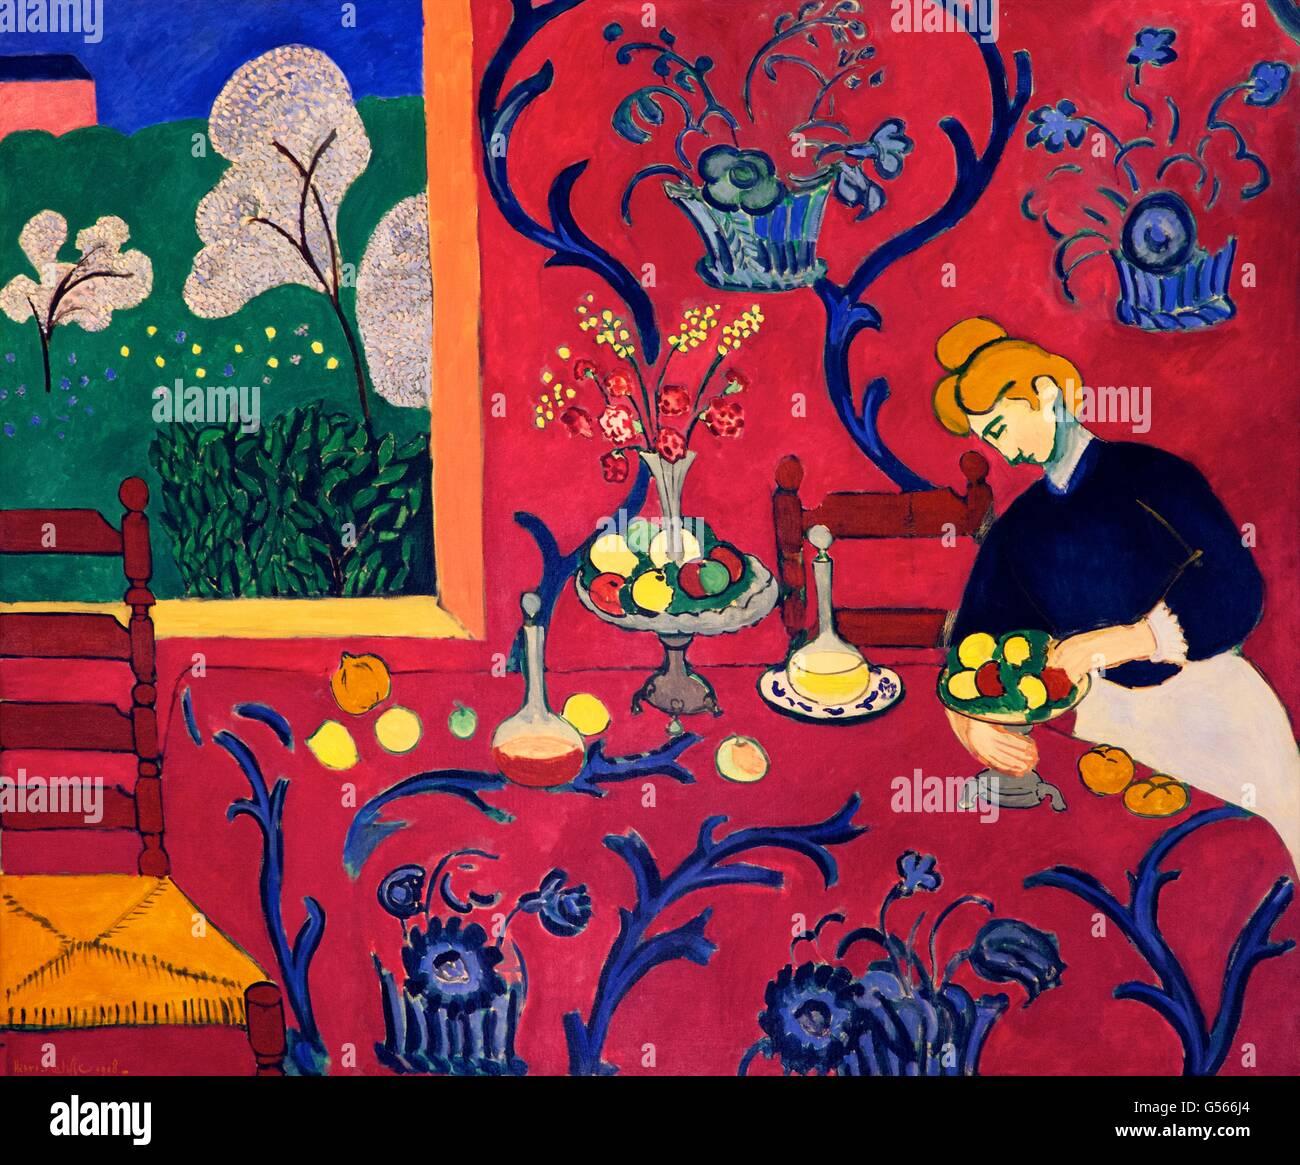 Salle Rouge, l'harmonie en rouge, d'Henri Matisse, 1908, Musée de l'Ermitage, Saint-Pétersbourg, Russie Banque D'Images